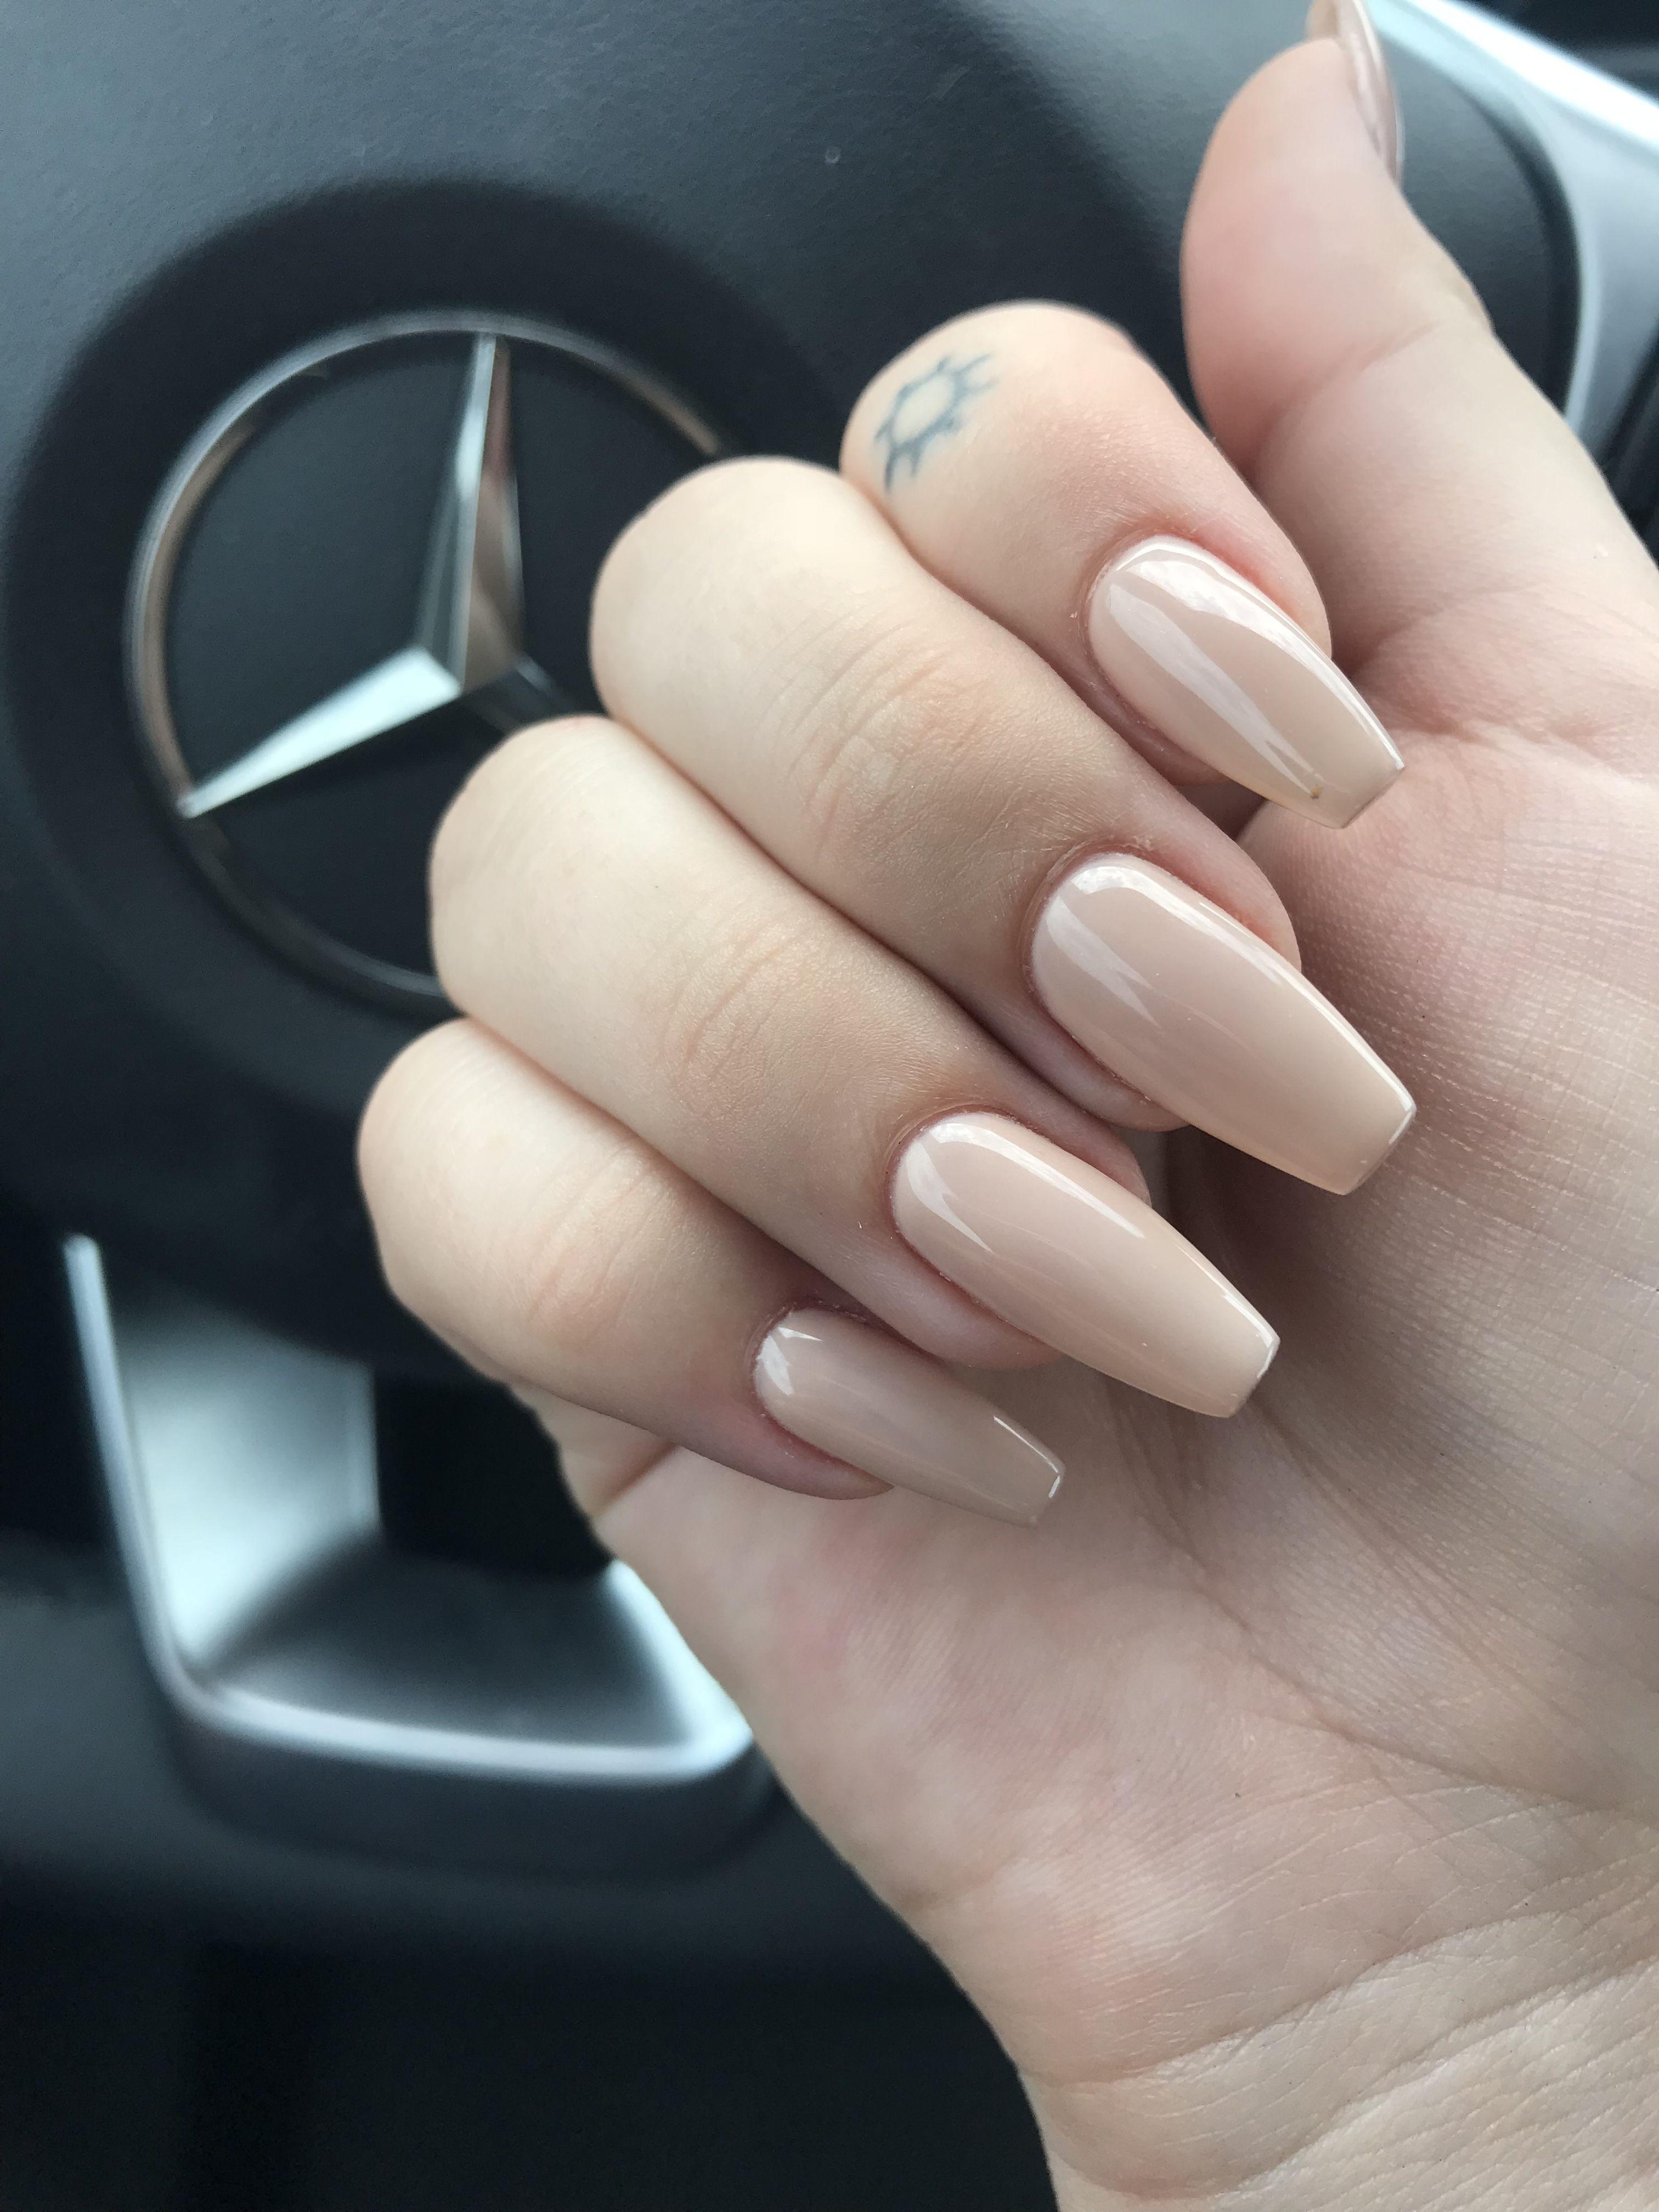 nude acrylic nails | nailzzz | Pinterest | Acrylics, Nude and Nail inspo